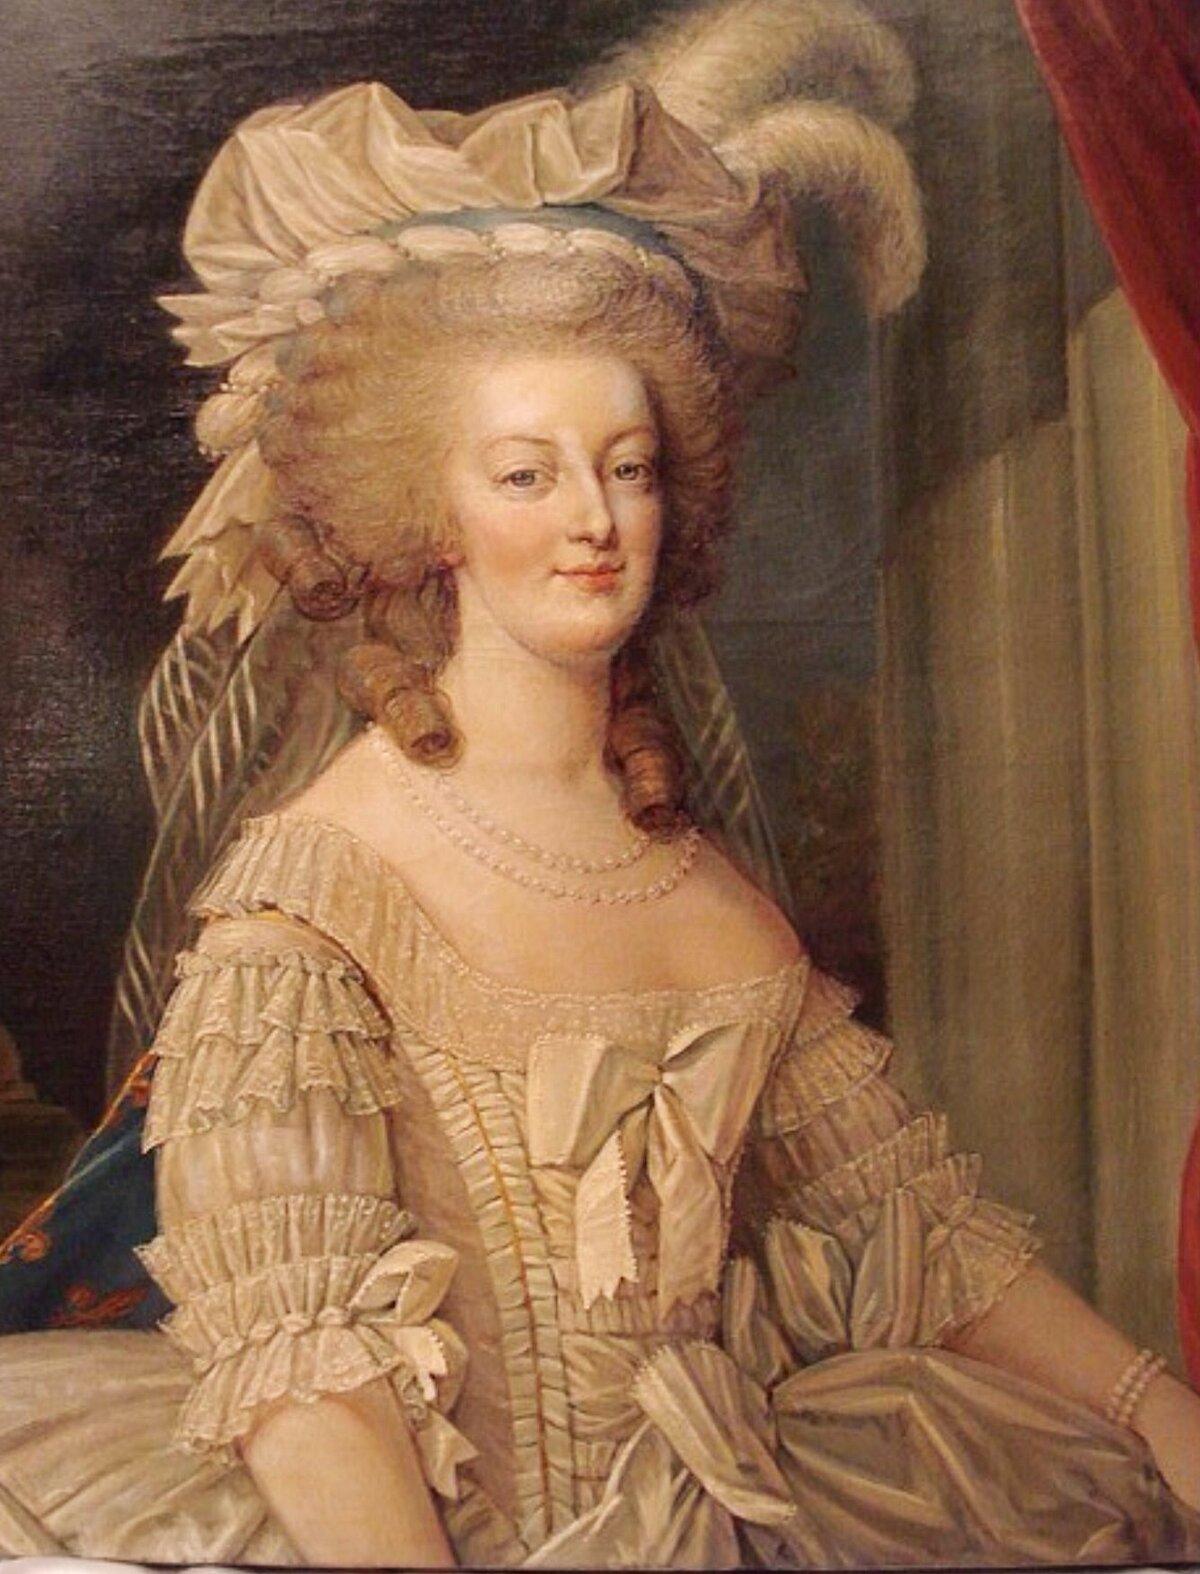 данные картинки французская королева атласные или бархатные